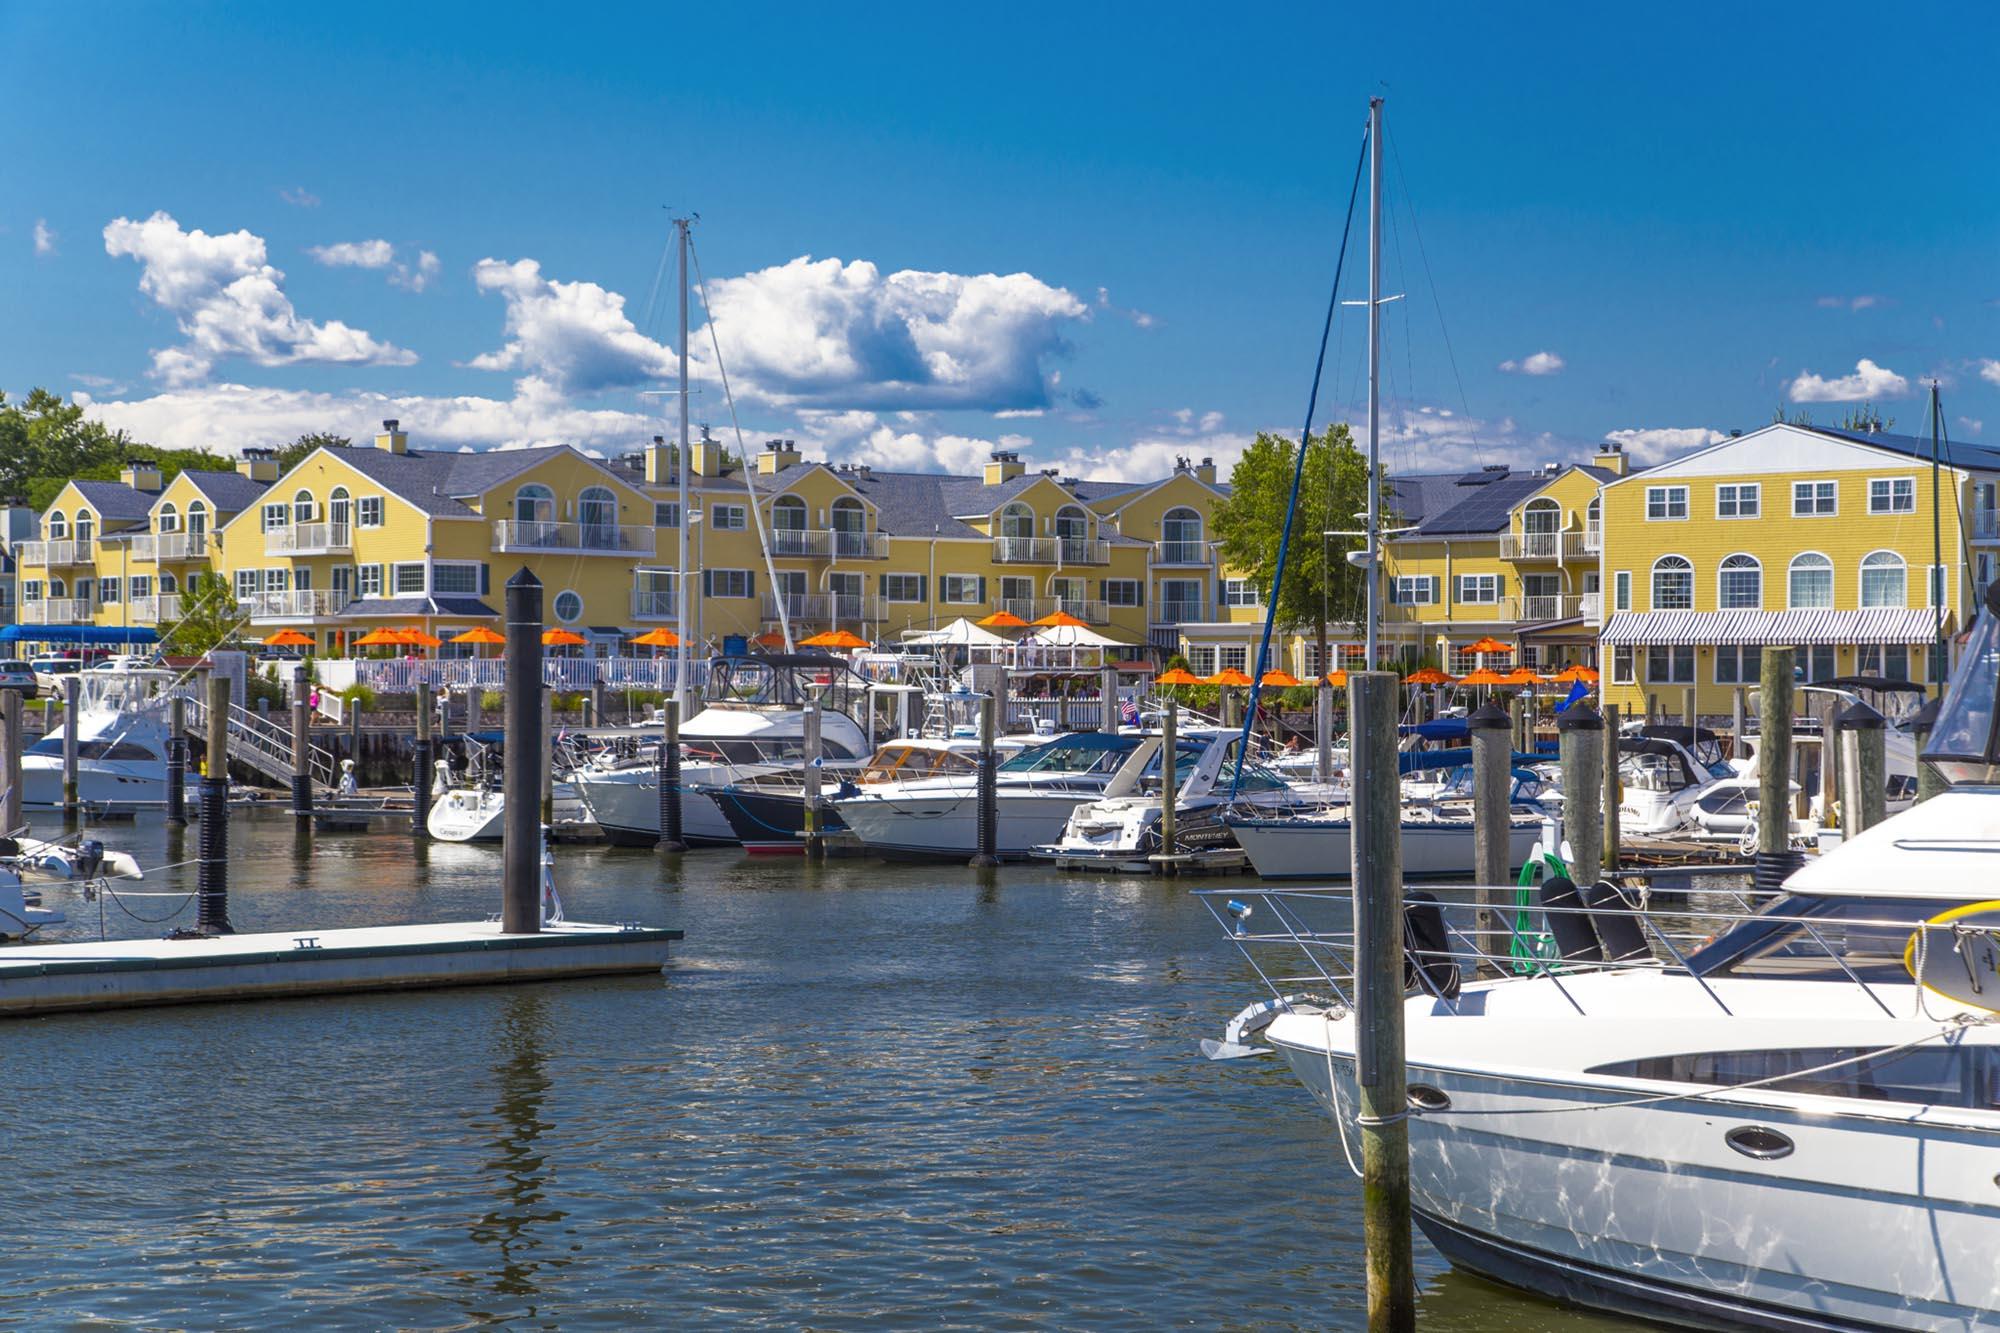 Luxury Connecticut Inn & Spa - Saybrook Hotel | Saybrook Point Inn & Spa